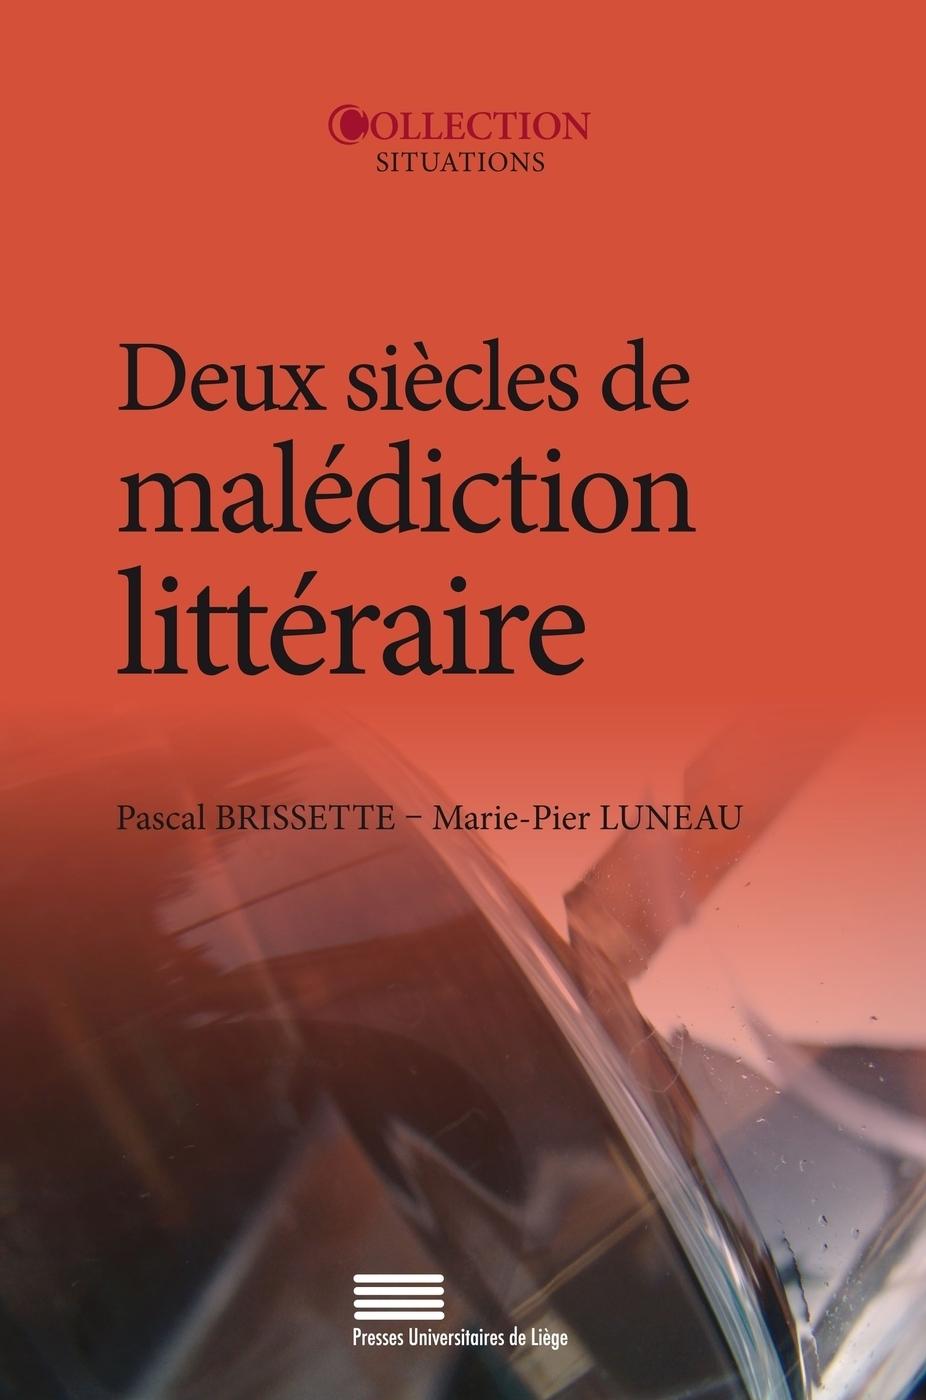 P. Brissette et M.-P. Luneau (dir.), Deux siècles de malédiction littéraire